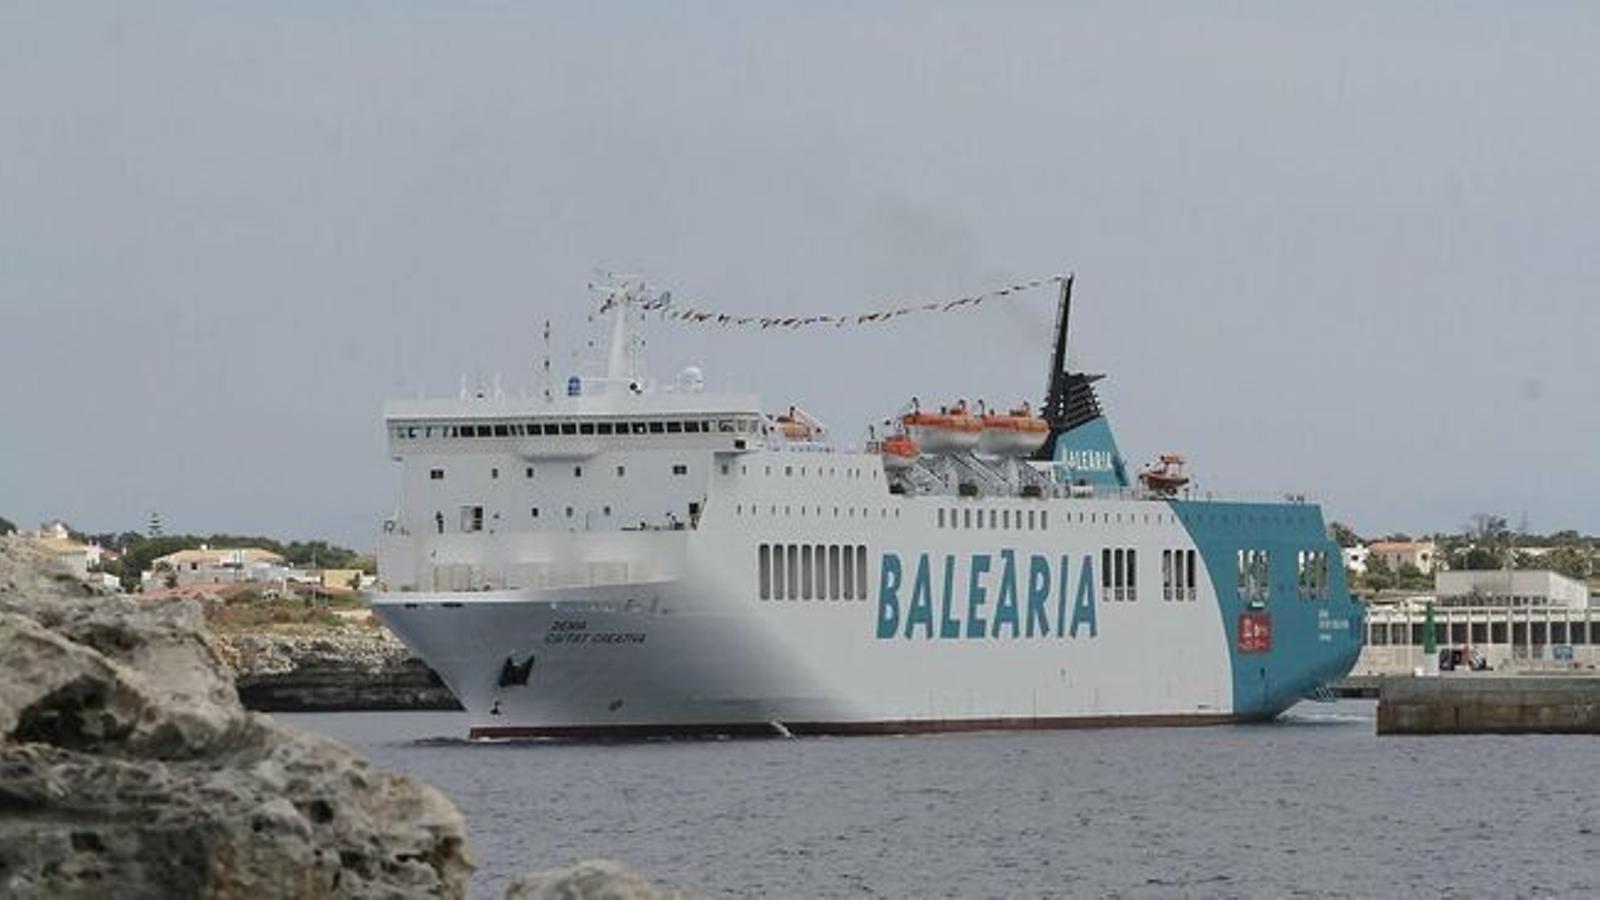 Imatge d'arxiu d'un vaixell de la companyia Baleària. / ARA BALEARS